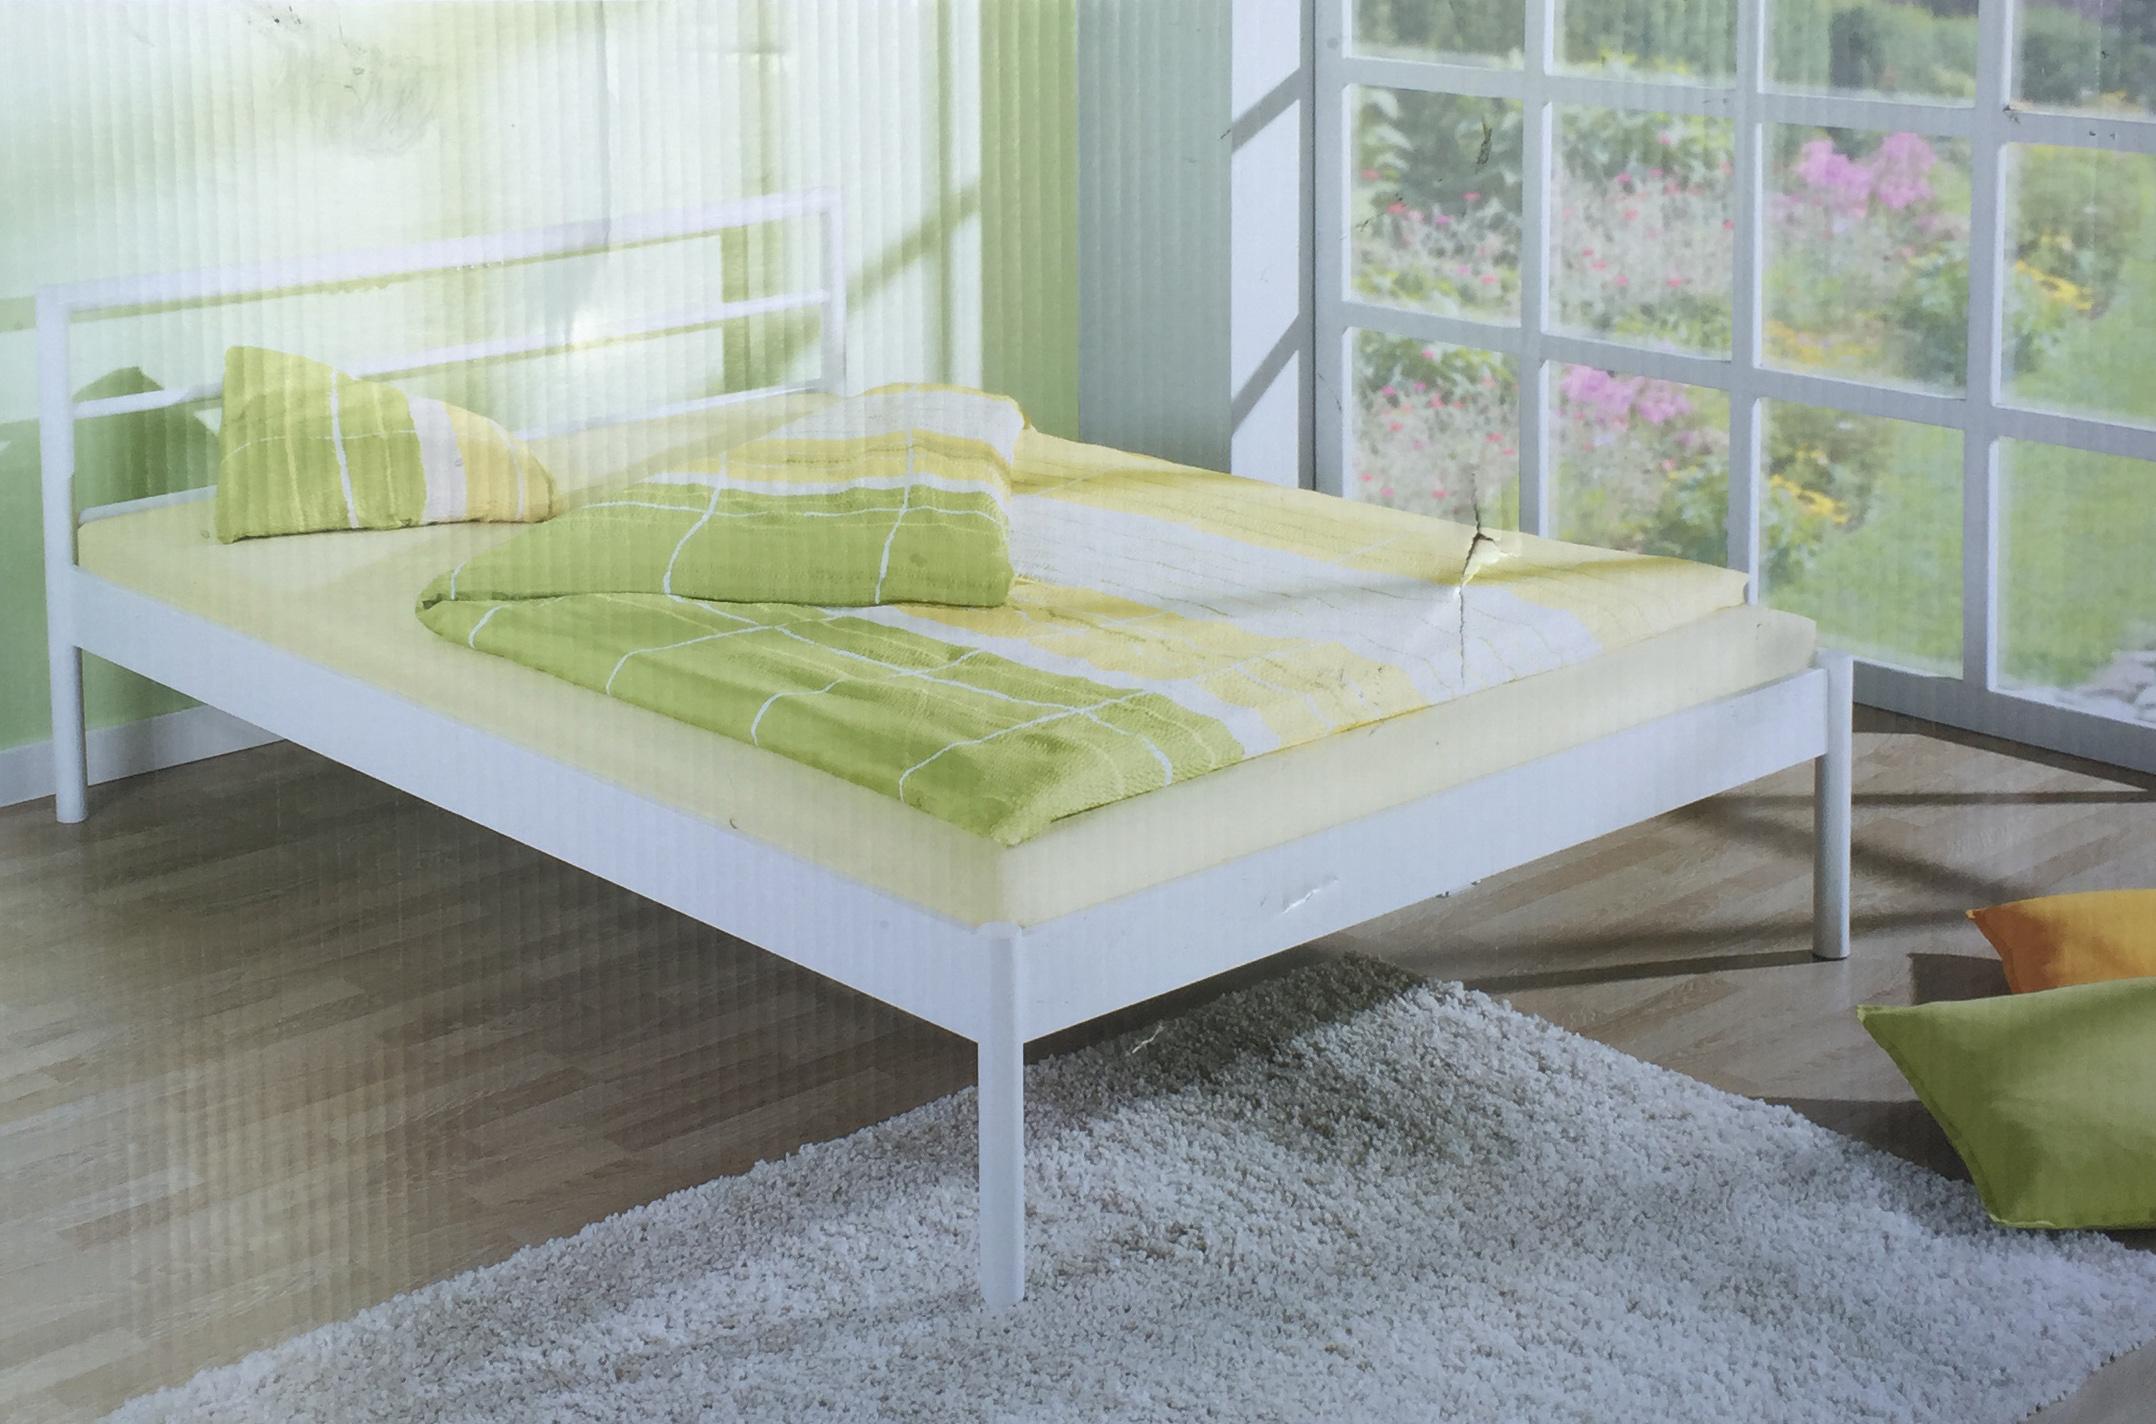 living art metallbett liegefl che 140 x 200cm wei seidenglanz neu bett ebay. Black Bedroom Furniture Sets. Home Design Ideas